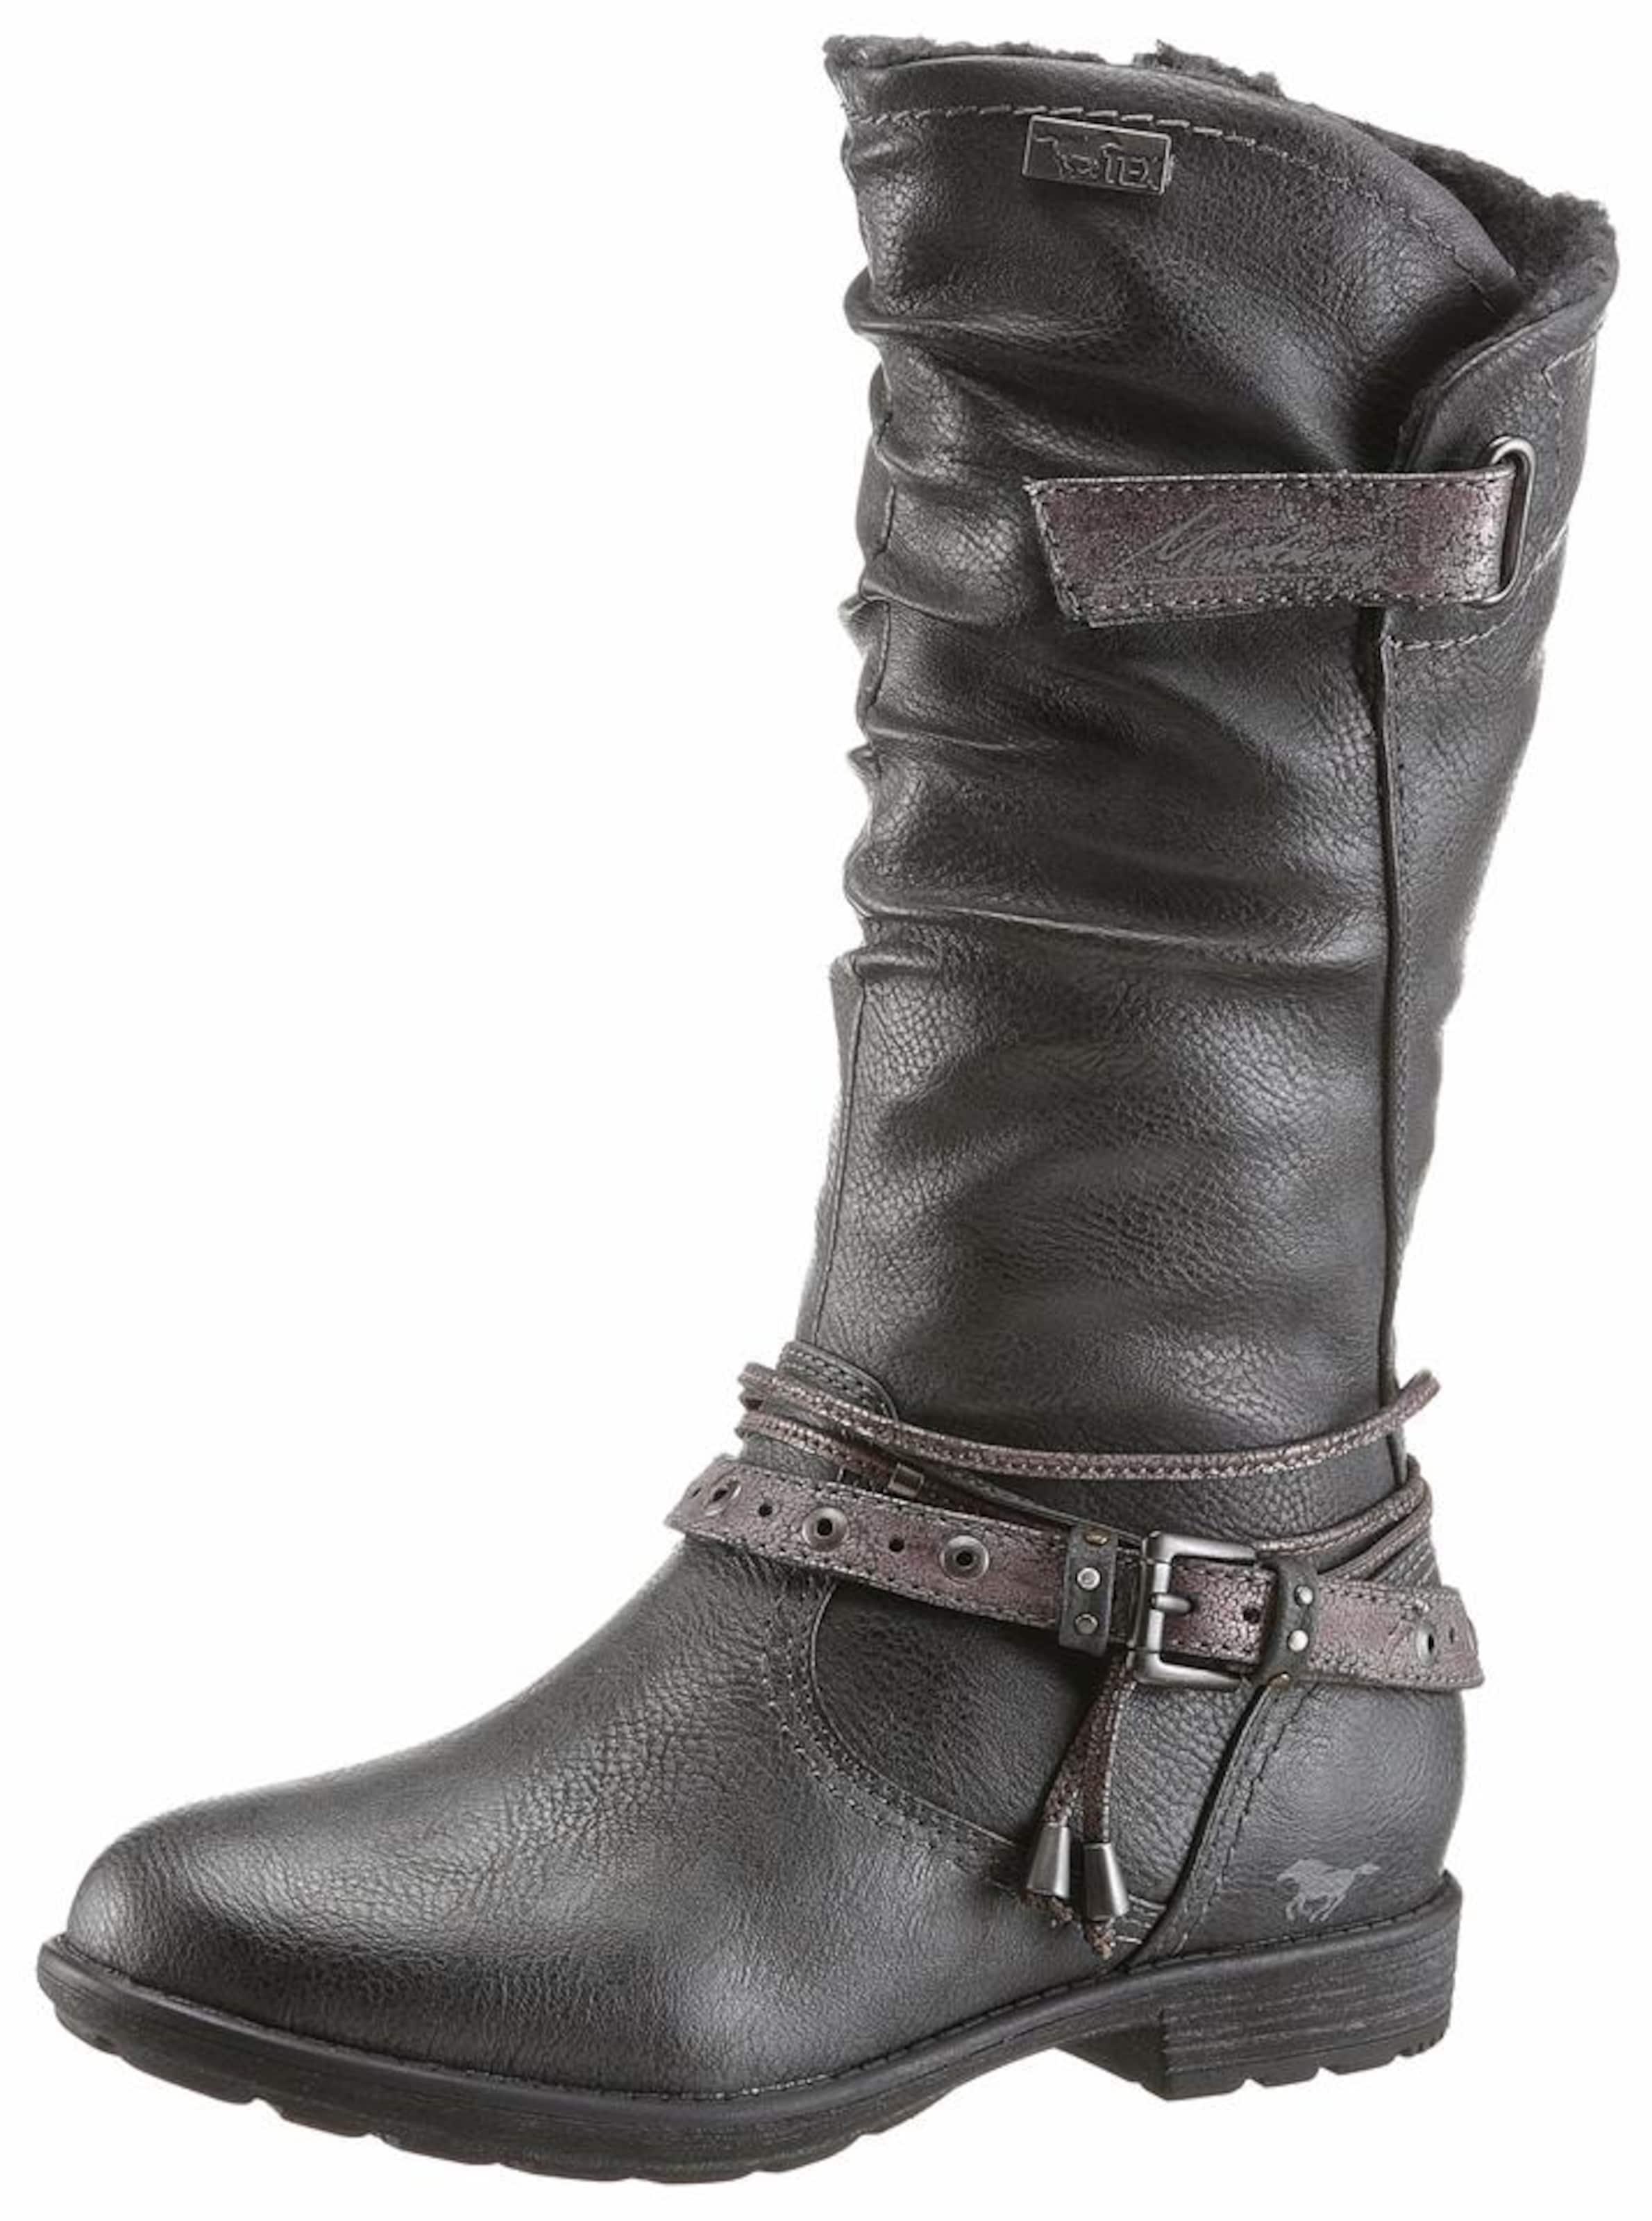 MUSTANG Shoes Winterstiefel Verschleißfeste billige Schuhe